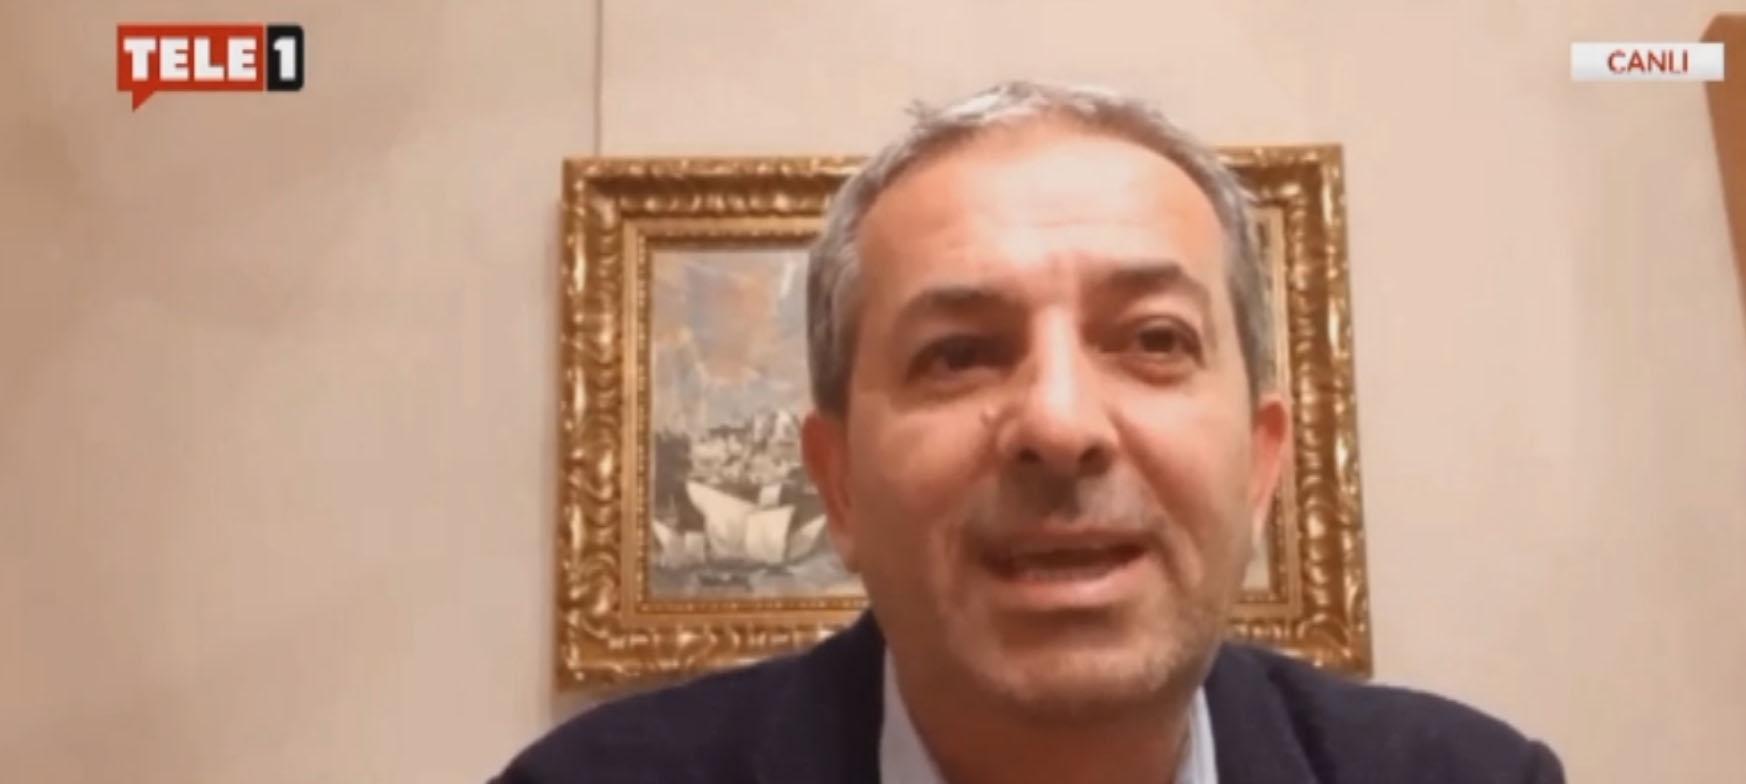 Akif Beki: Nasıl olur da Türkiye'nin kaderi Trump'a bağlı gösterilir? Bu zıvanadan çıkmadır!